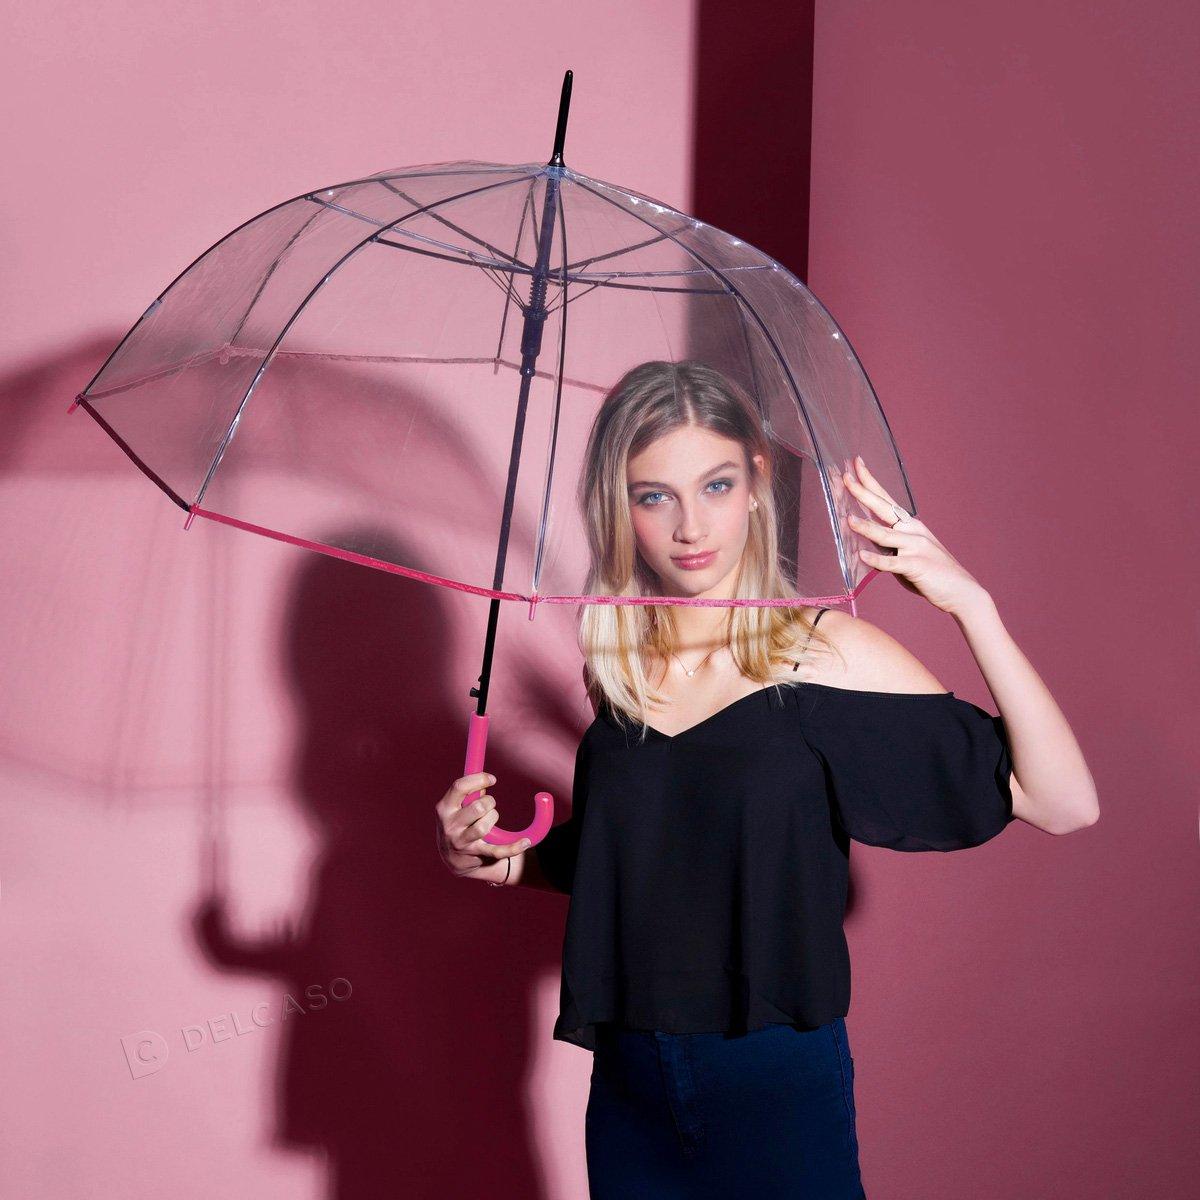 Parasol przeźroczysty Derby Transparent czarny